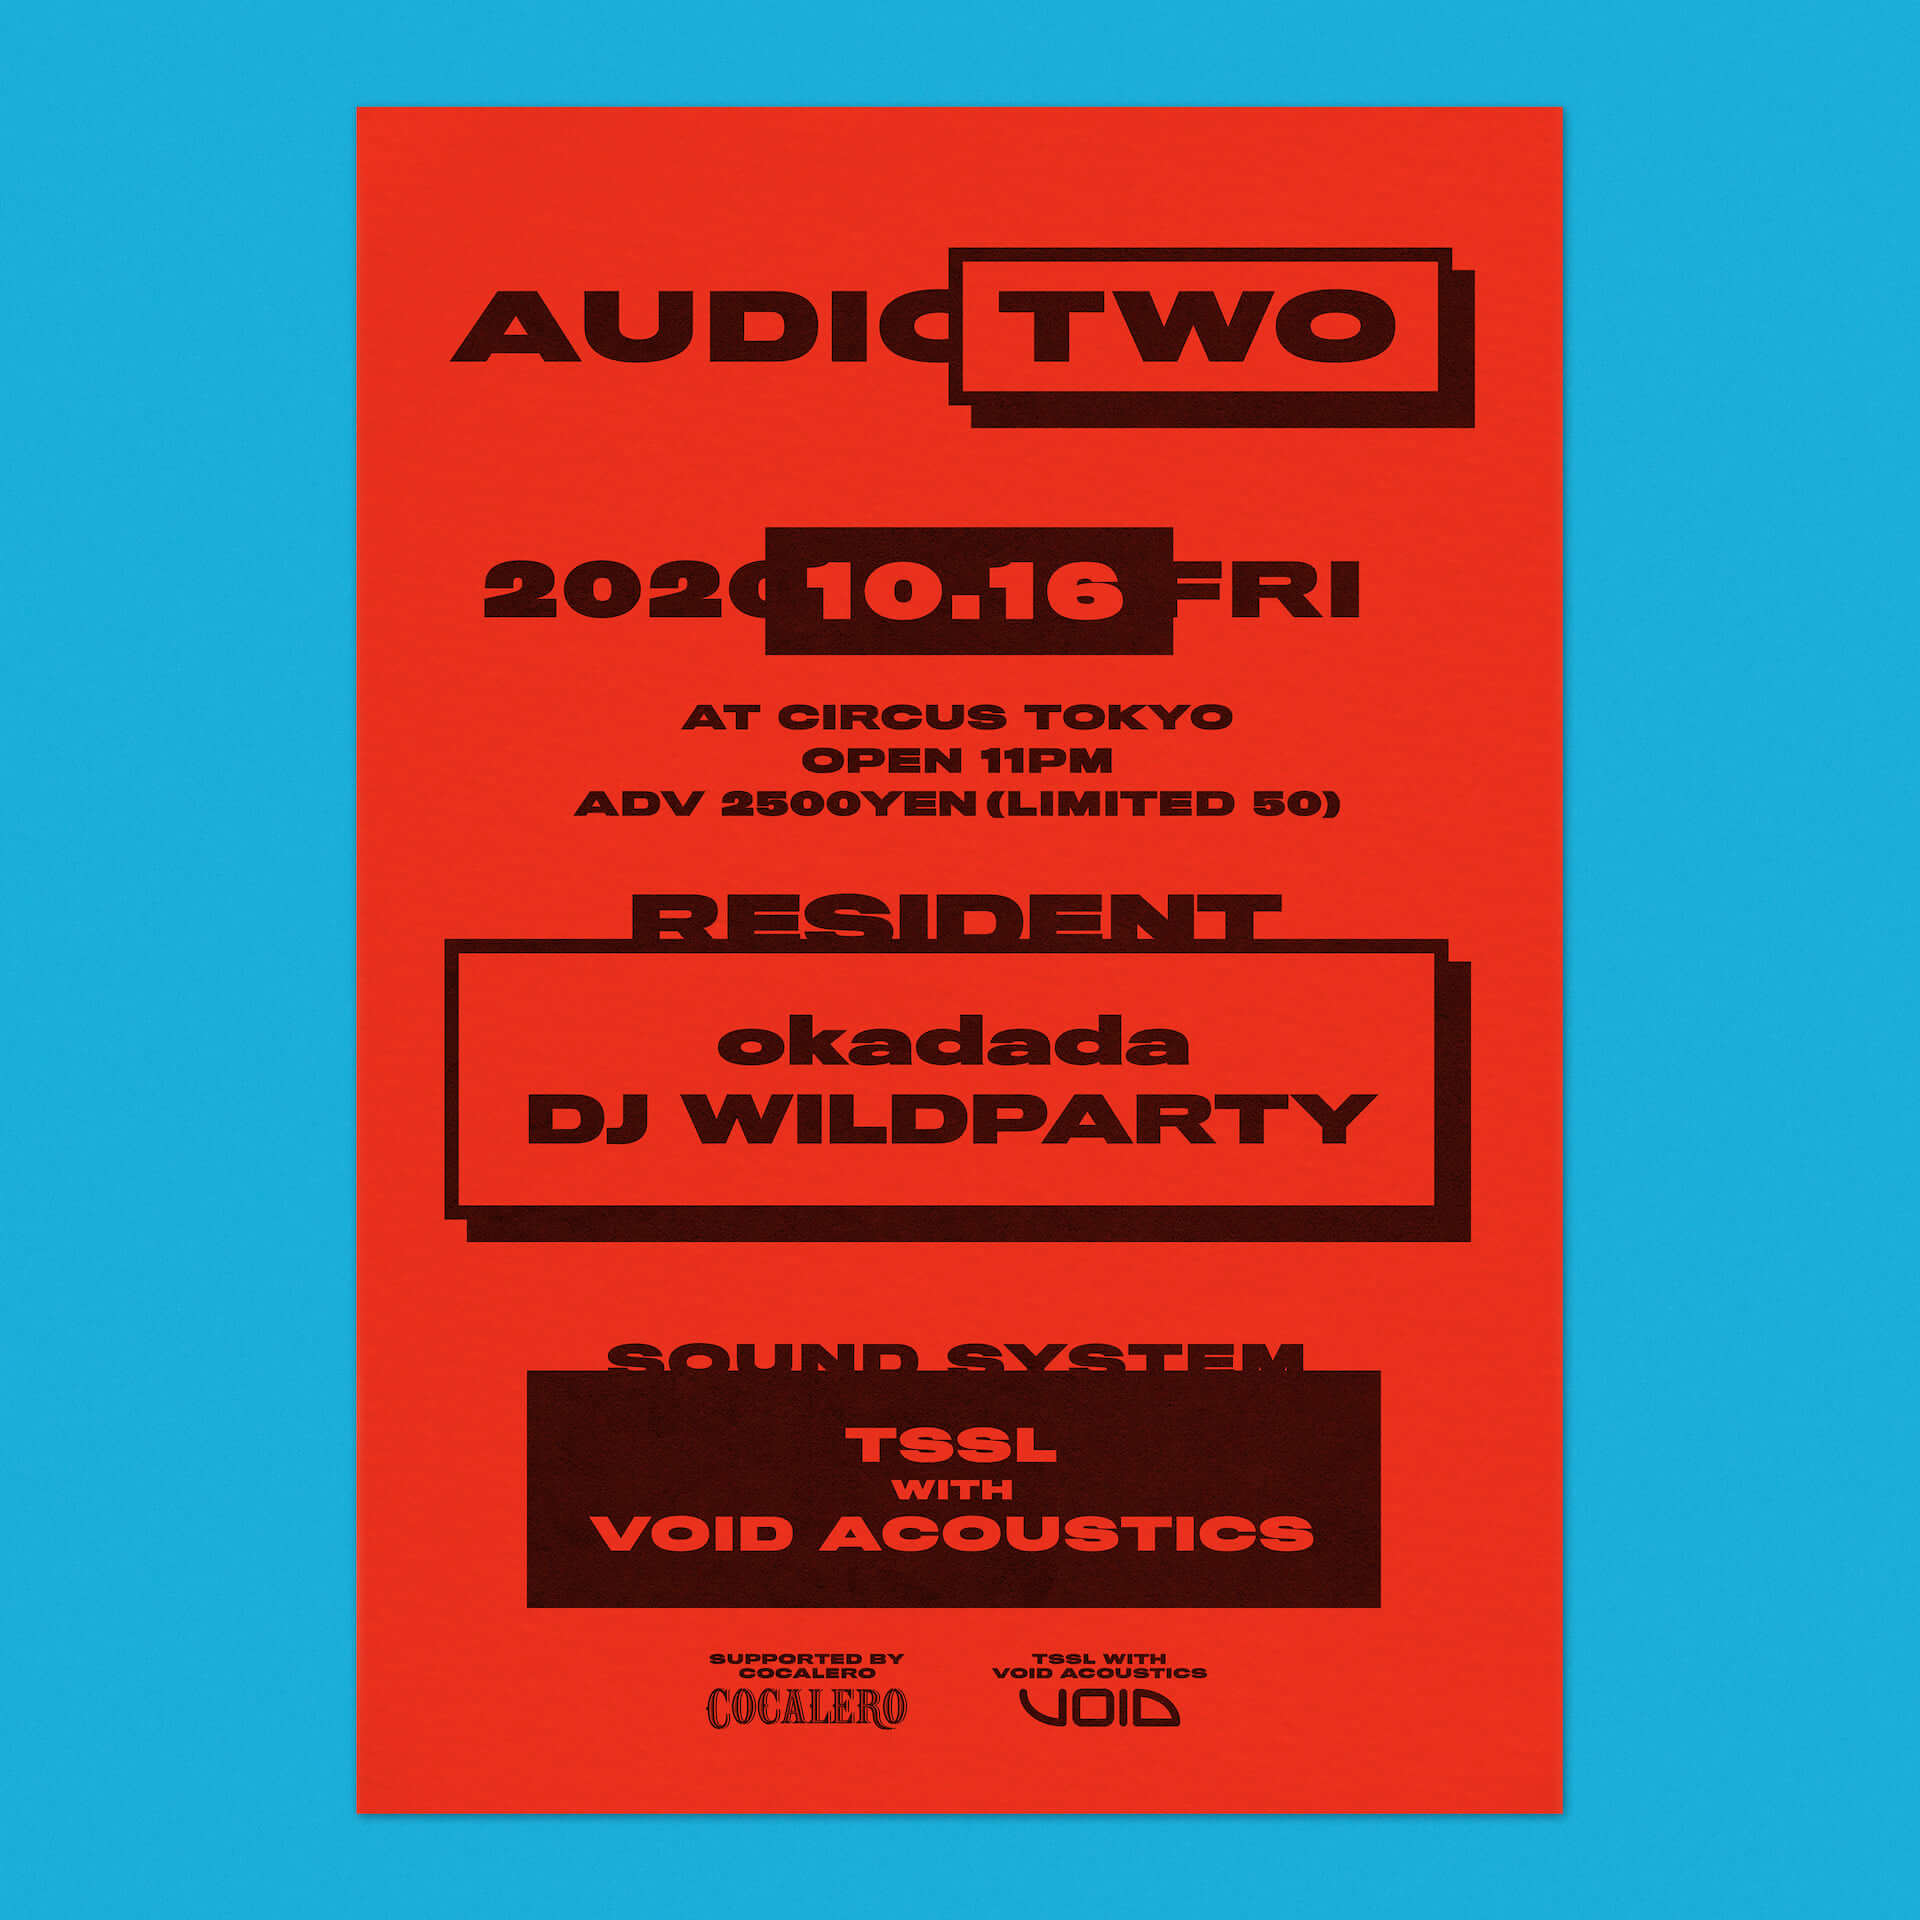 5周年を迎えたCIRCUS TOKYOが世界最先端の音響設備「VOID acoustics」を期間限定で導入!okadada、DJ WILDPARTYによる<AUDIO TWO>やSeiho出演<Inspiration>など続々開催 music201016_circus-tokyo_5-1920x1920